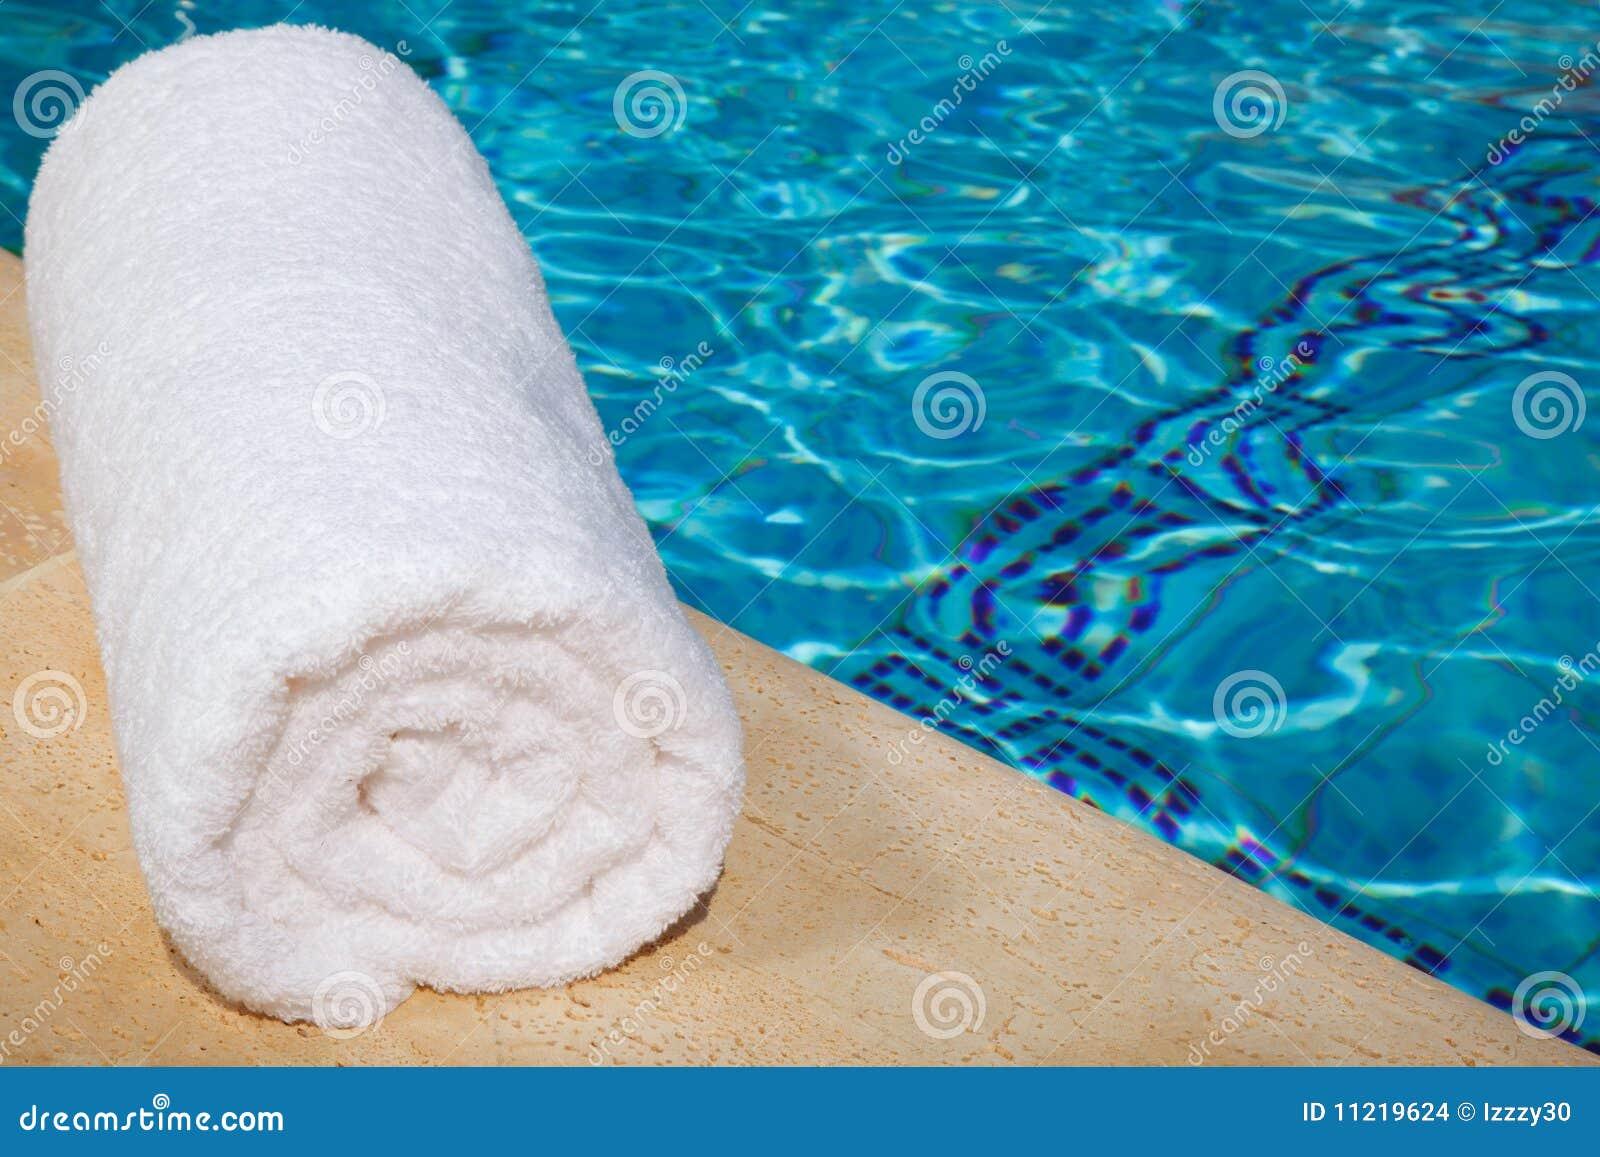 una toalla blanca enrollada por la piscina azul imagenes de